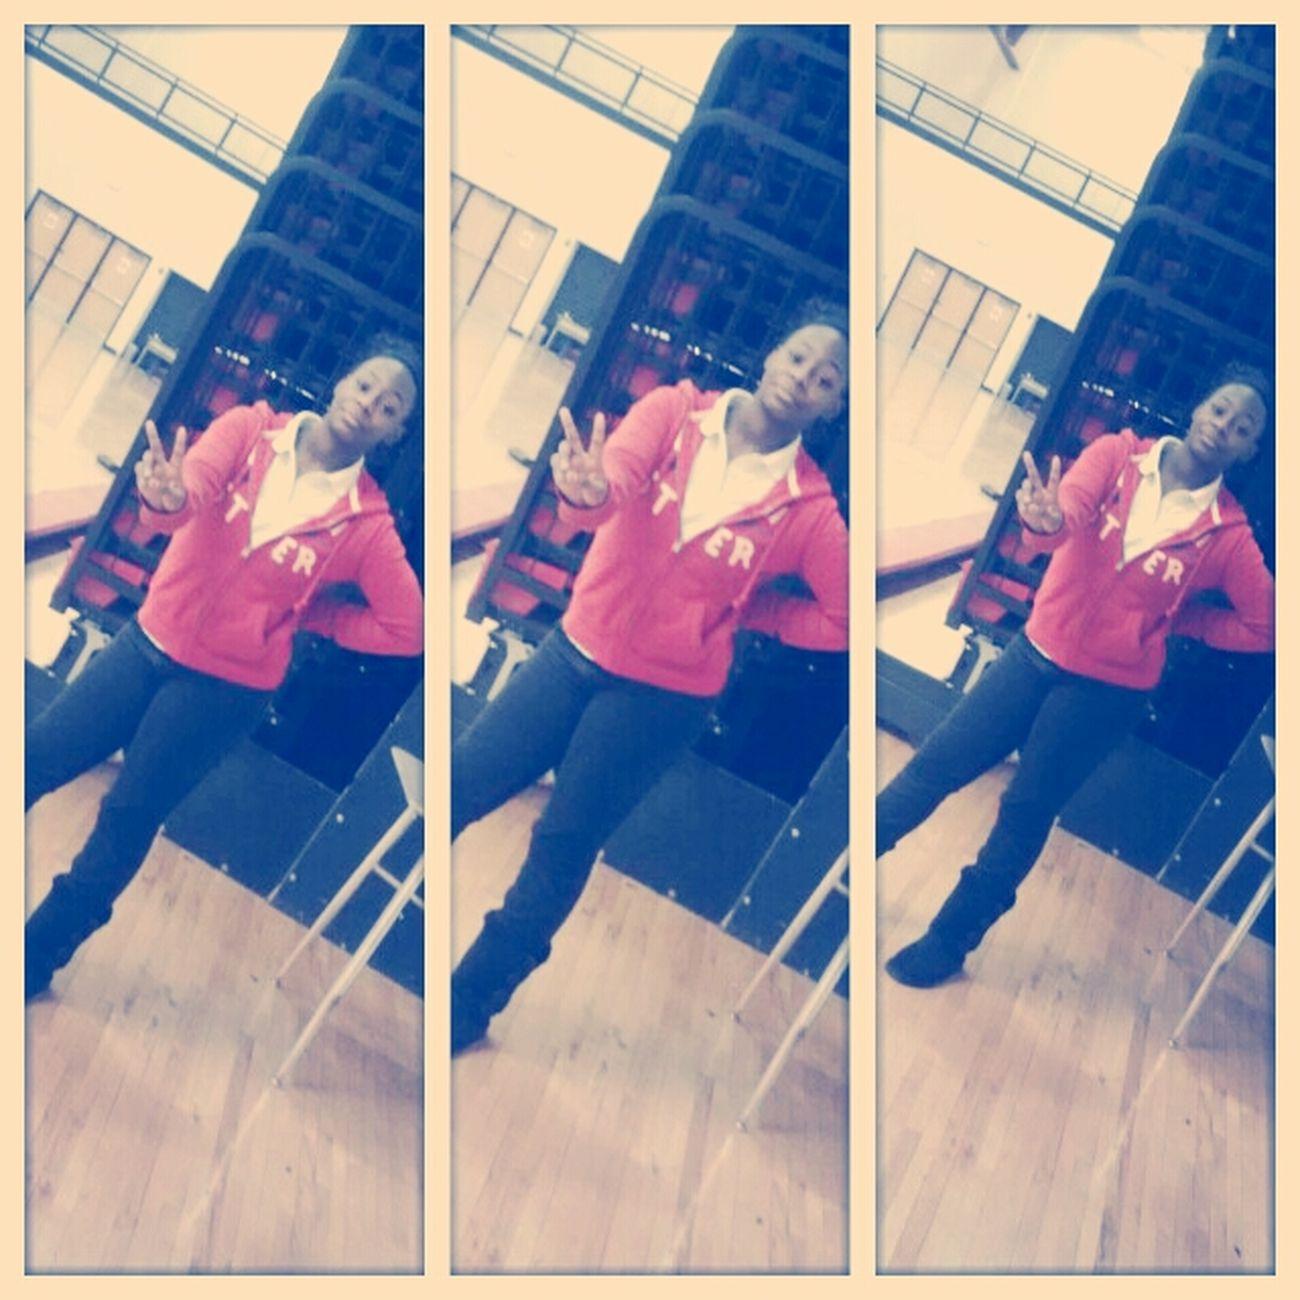 #Gym Class 